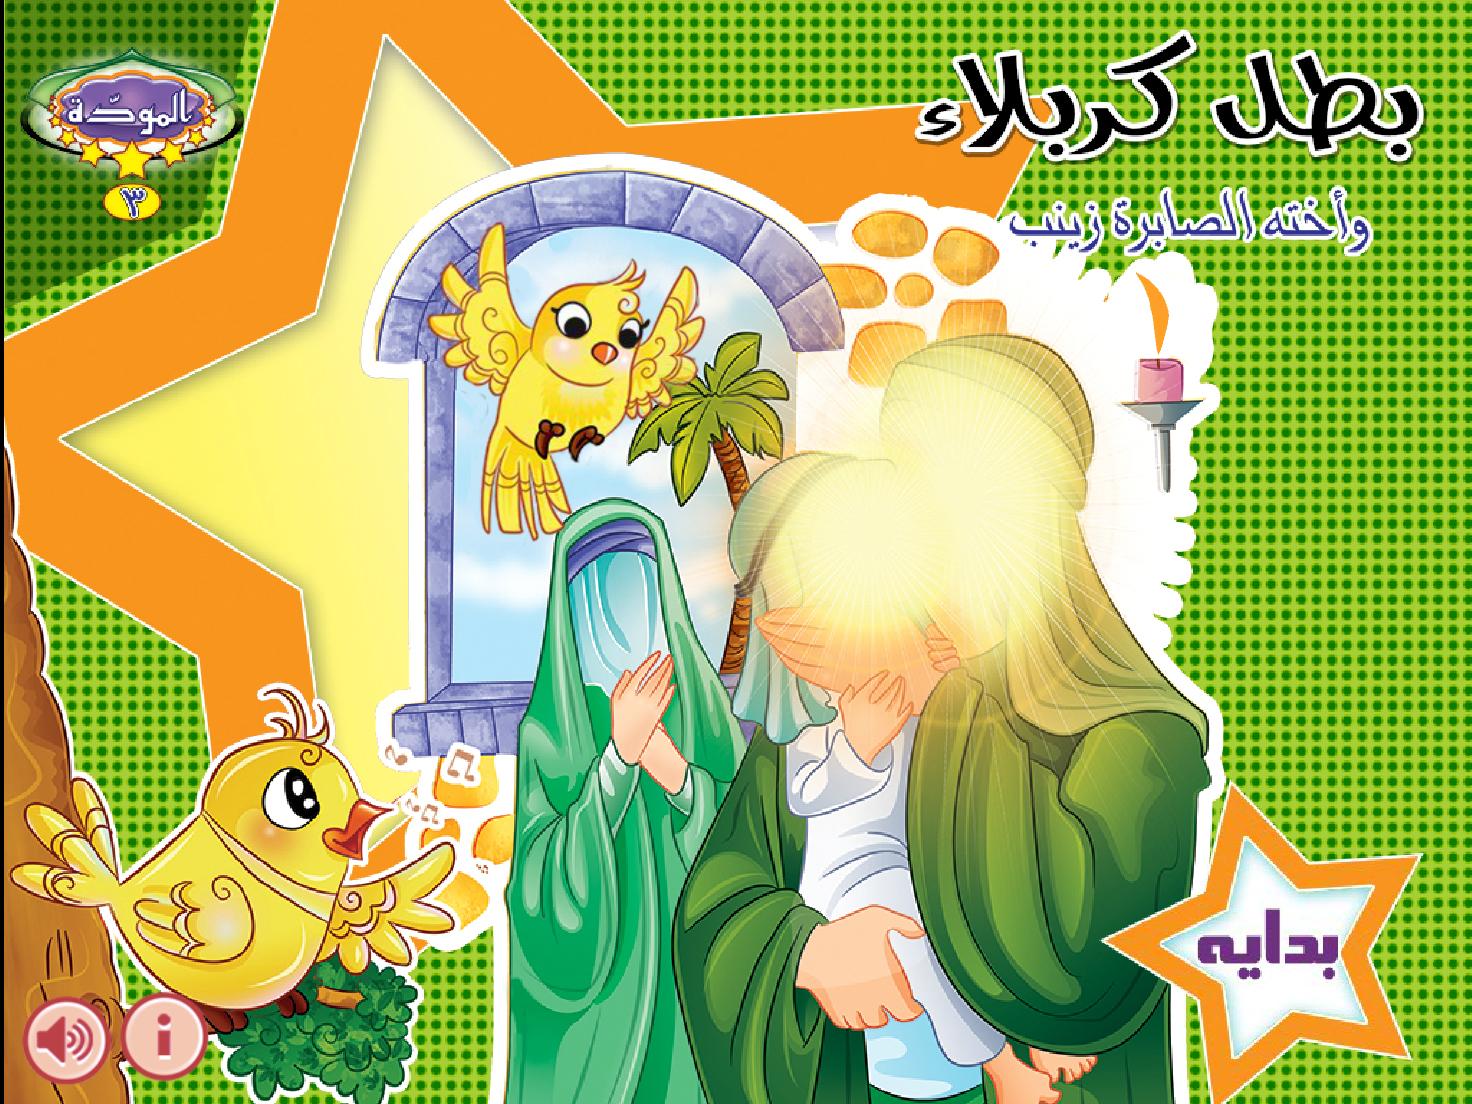 کتاب کودک الموده (عربی)